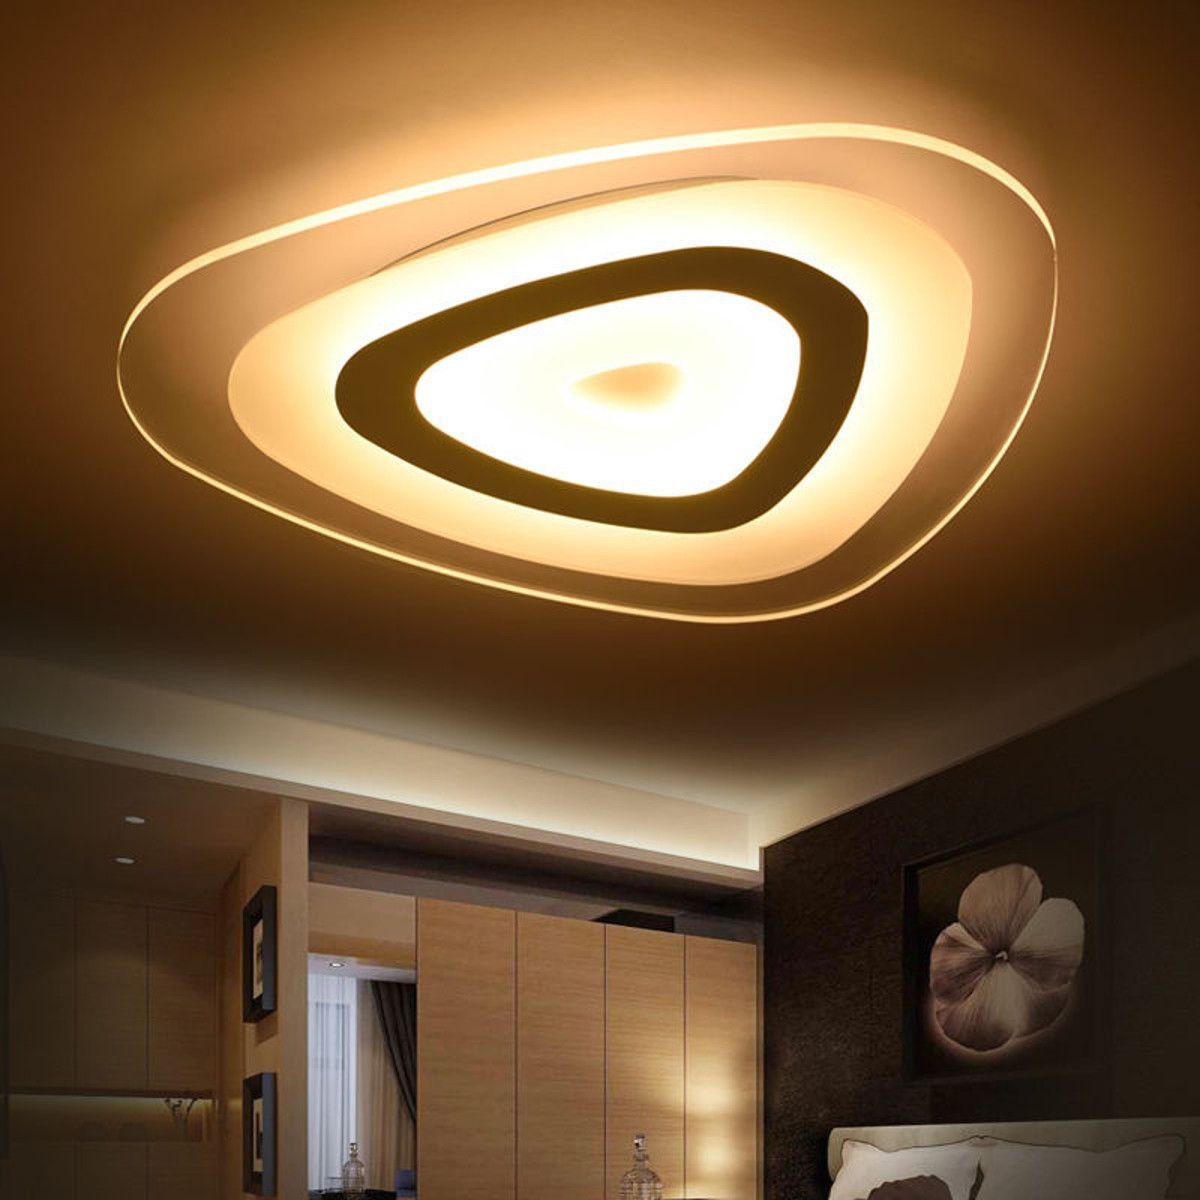 Moaere Hot Sale 10-Color Adjustable LED Ceiling Lights Modern Mango